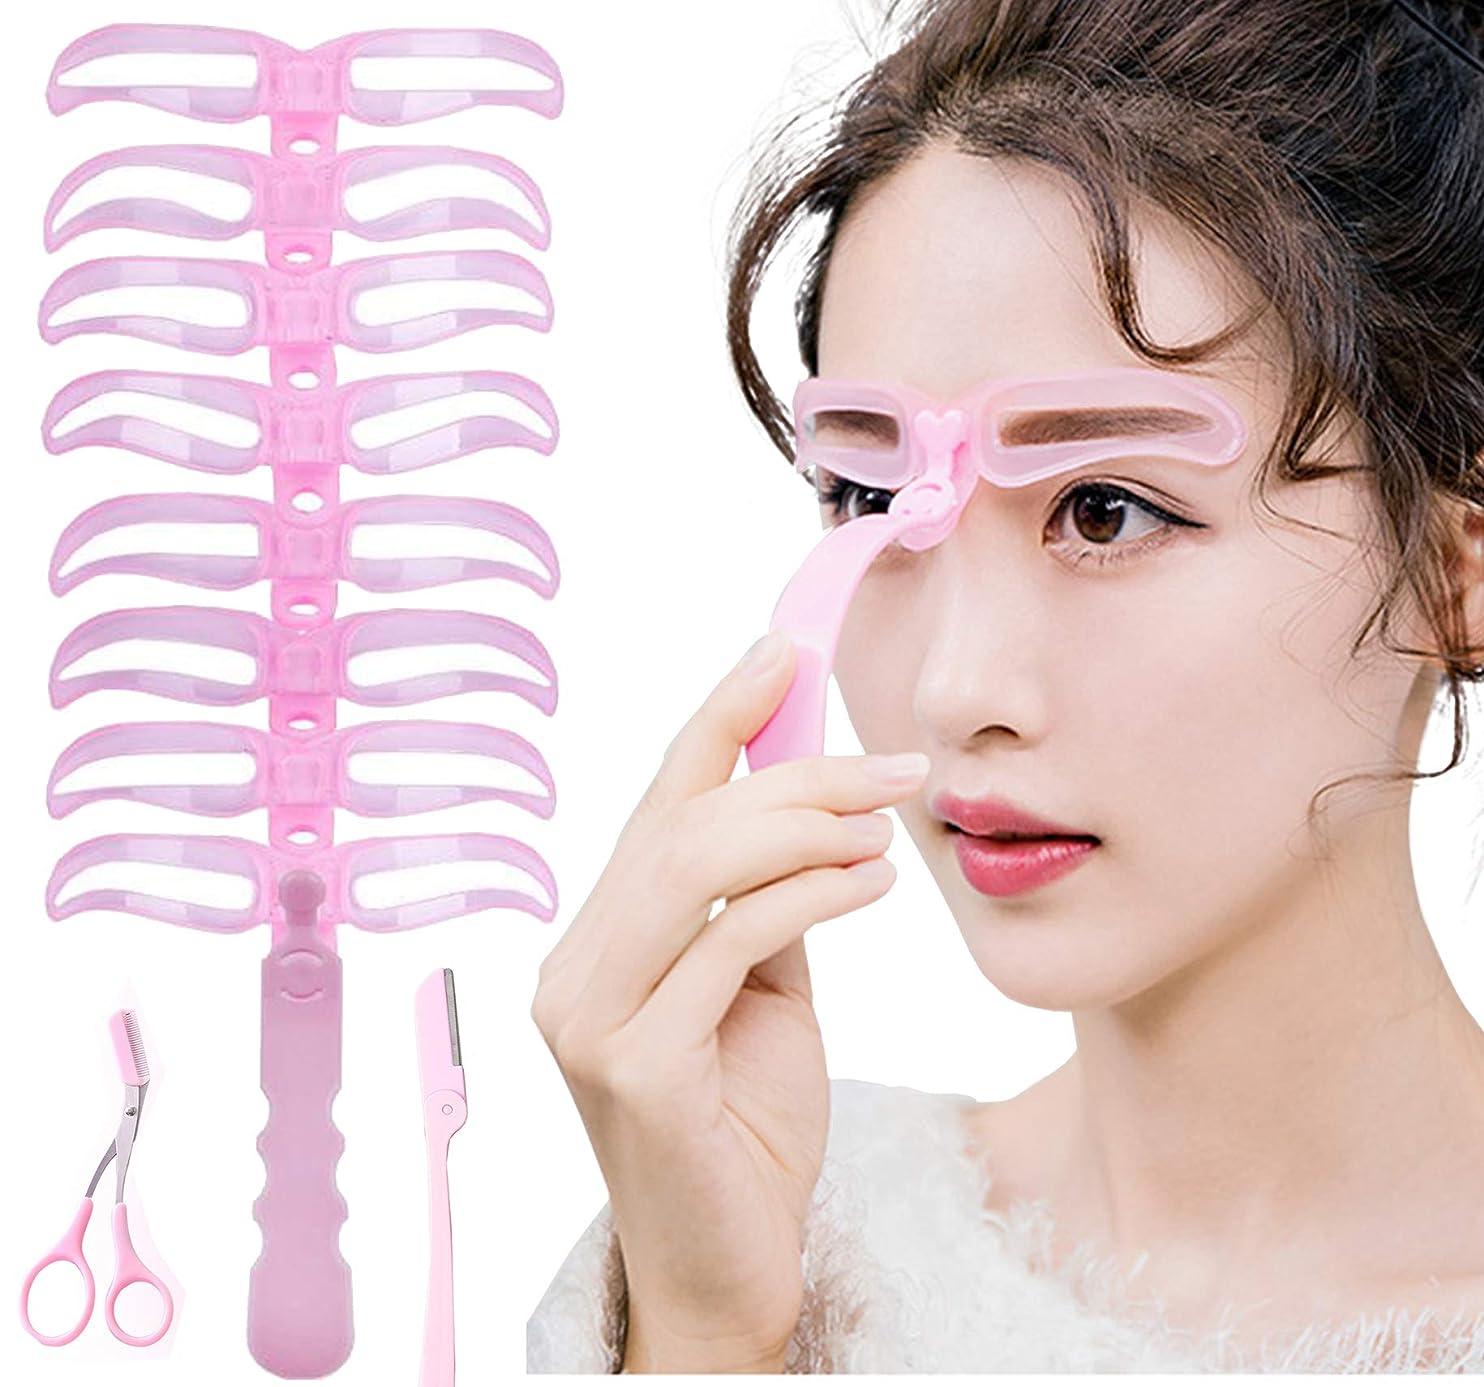 神経リンスエンゲージメントMaveni(マヴェニ) 手持ちの眉毛のテンプレート 8種類の眉毛スタイル [あなたの専属美容師] (眉毛ナイフ + 眉毛はさみ)